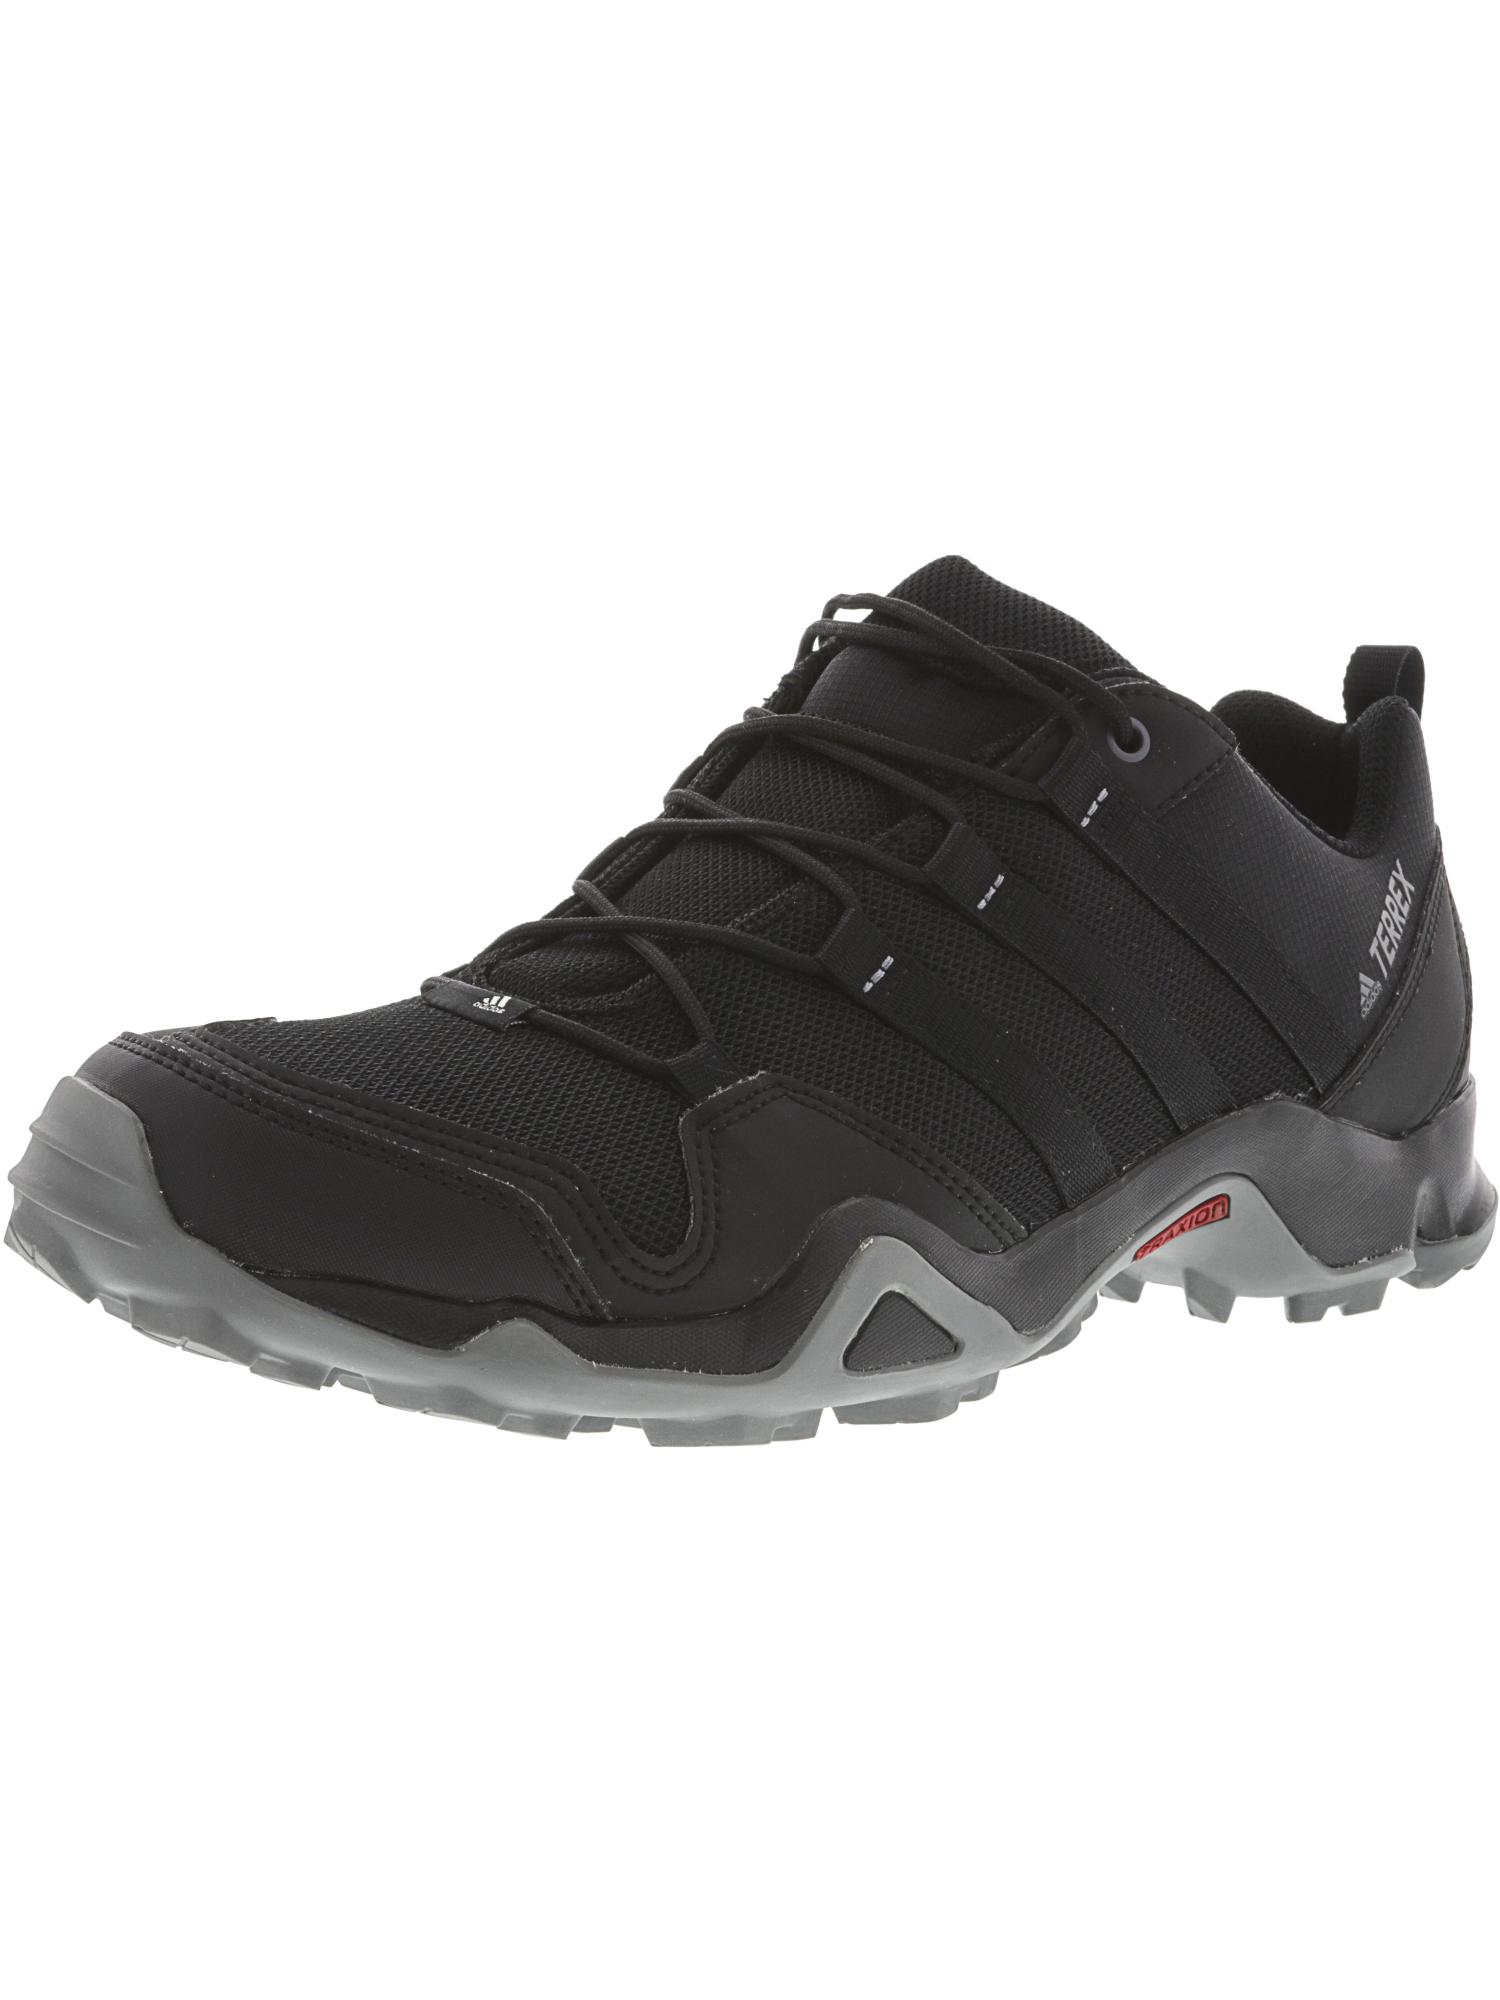 Adidas-Men-039-s-Terrex-Ax2R-Ankle-High-